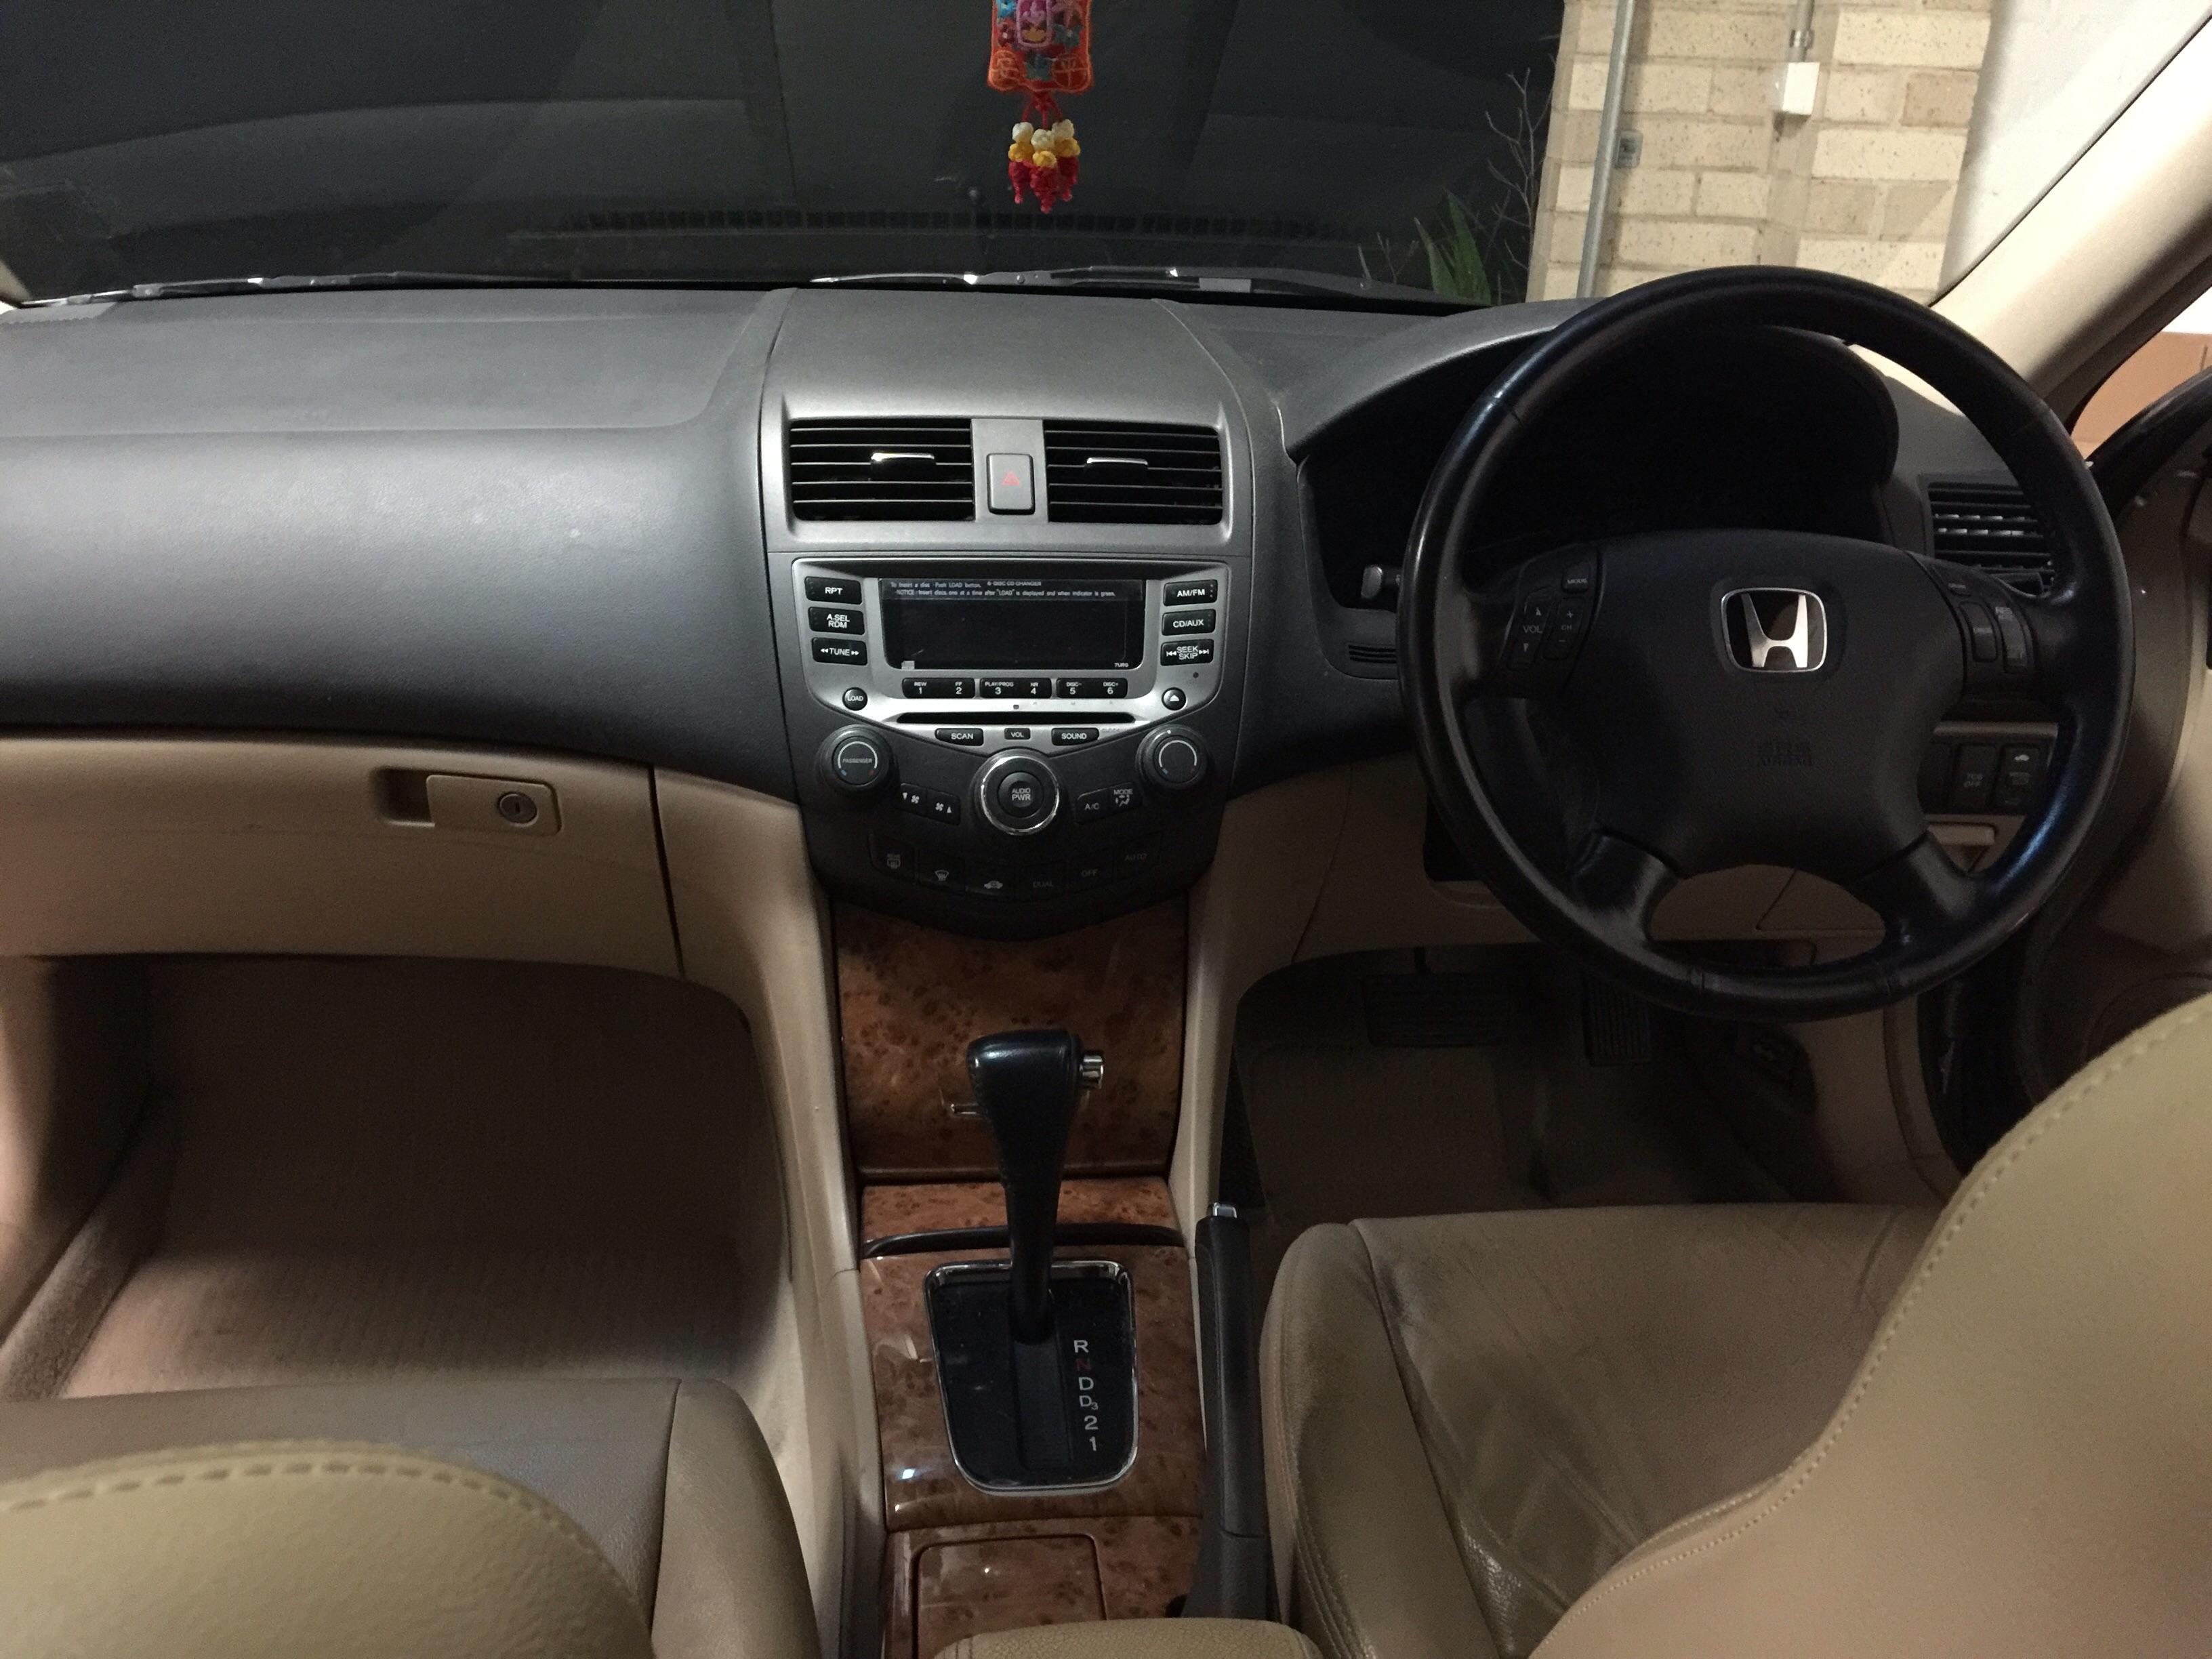 2004 Honda Accord V6 Luxury 40 ...